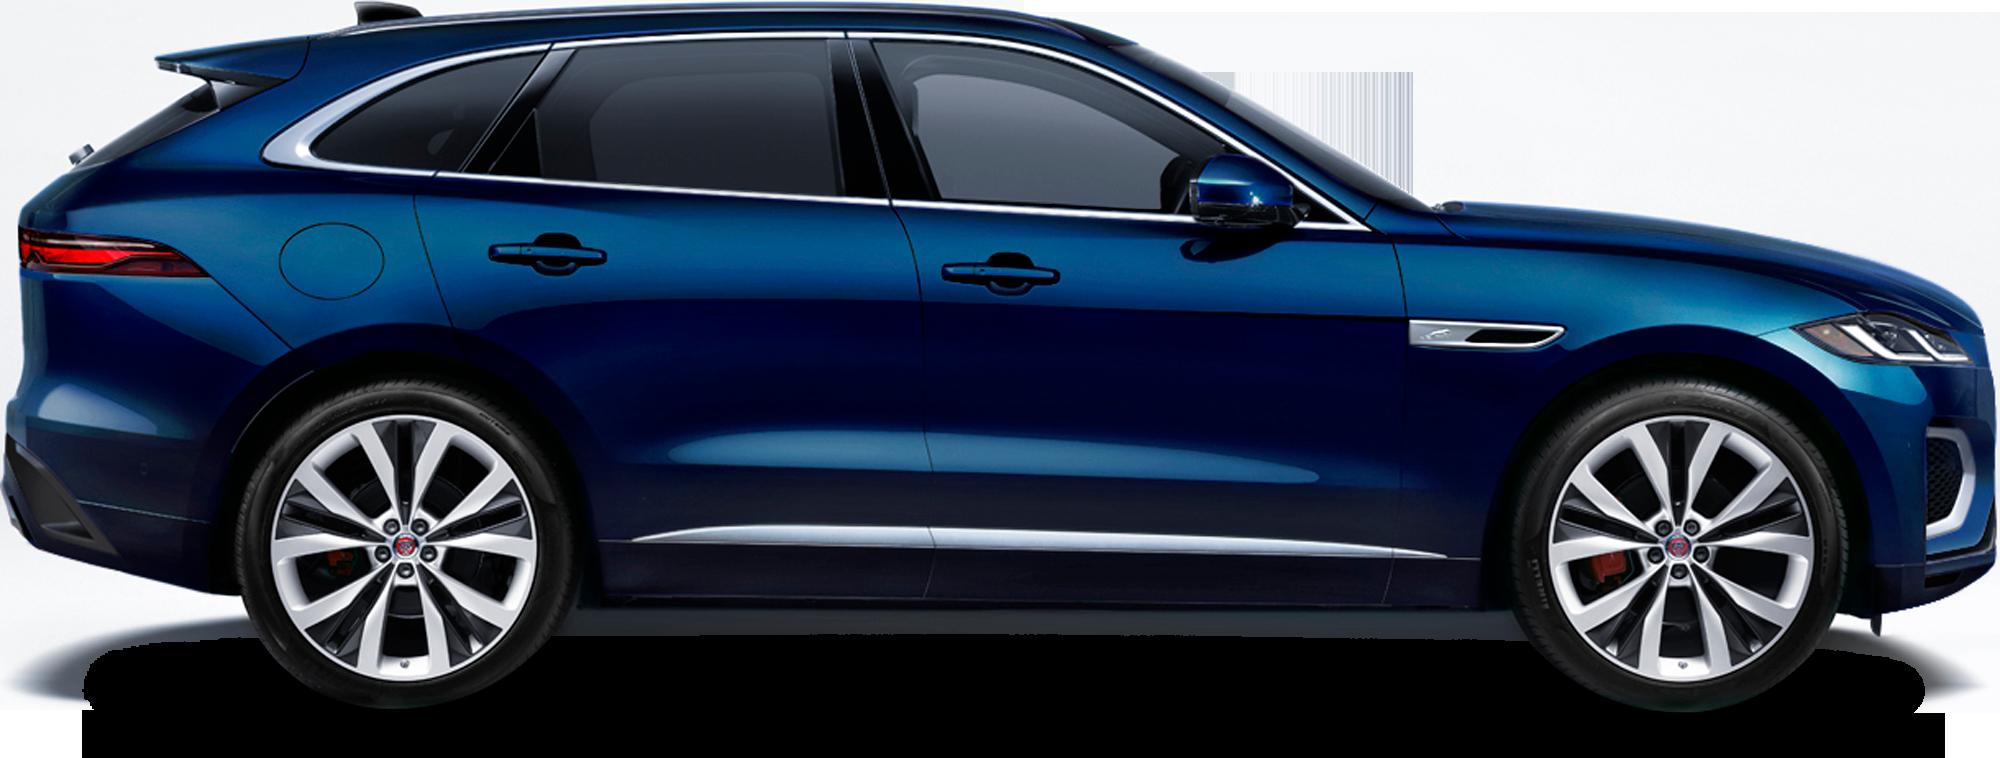 2021 Jaguar F-PACE SUV P250 S